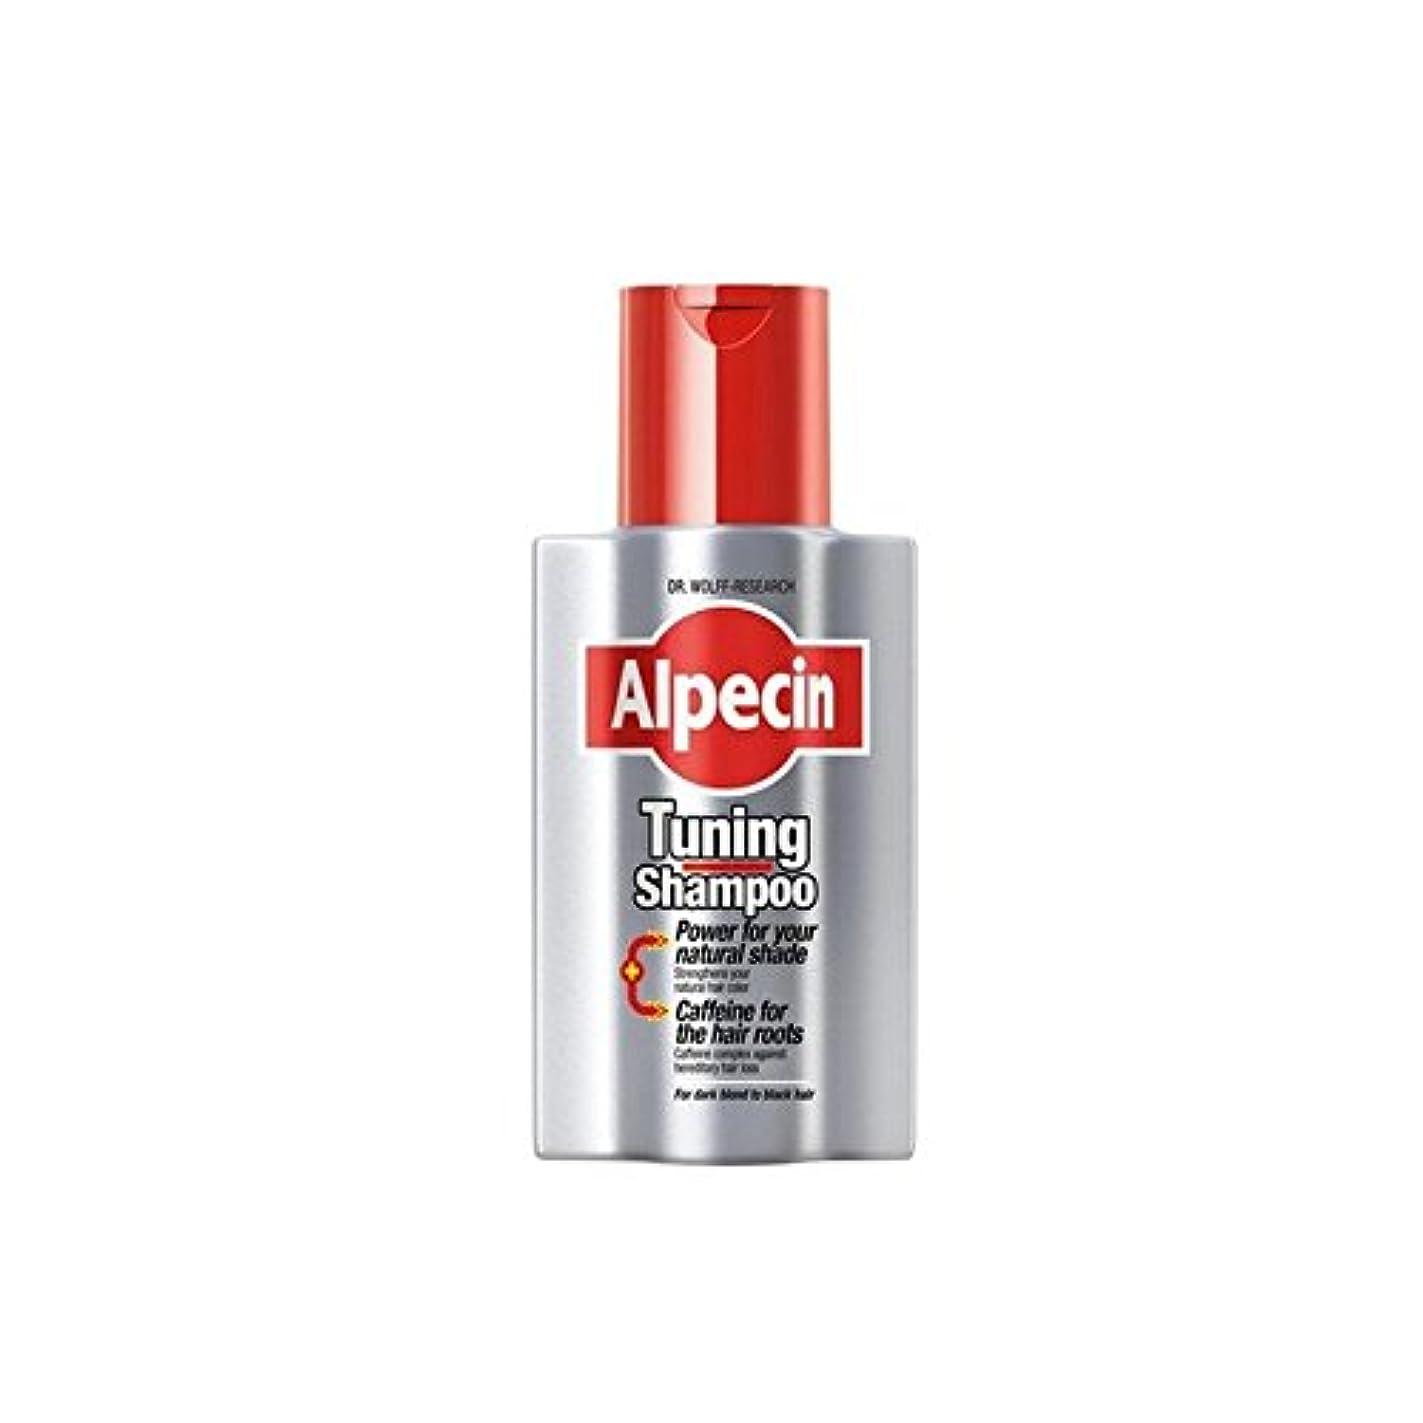 略す物理的に有限Alpecin Tuning Shampoo (200ml) - チューニングシャンプー(200ミリリットル) [並行輸入品]